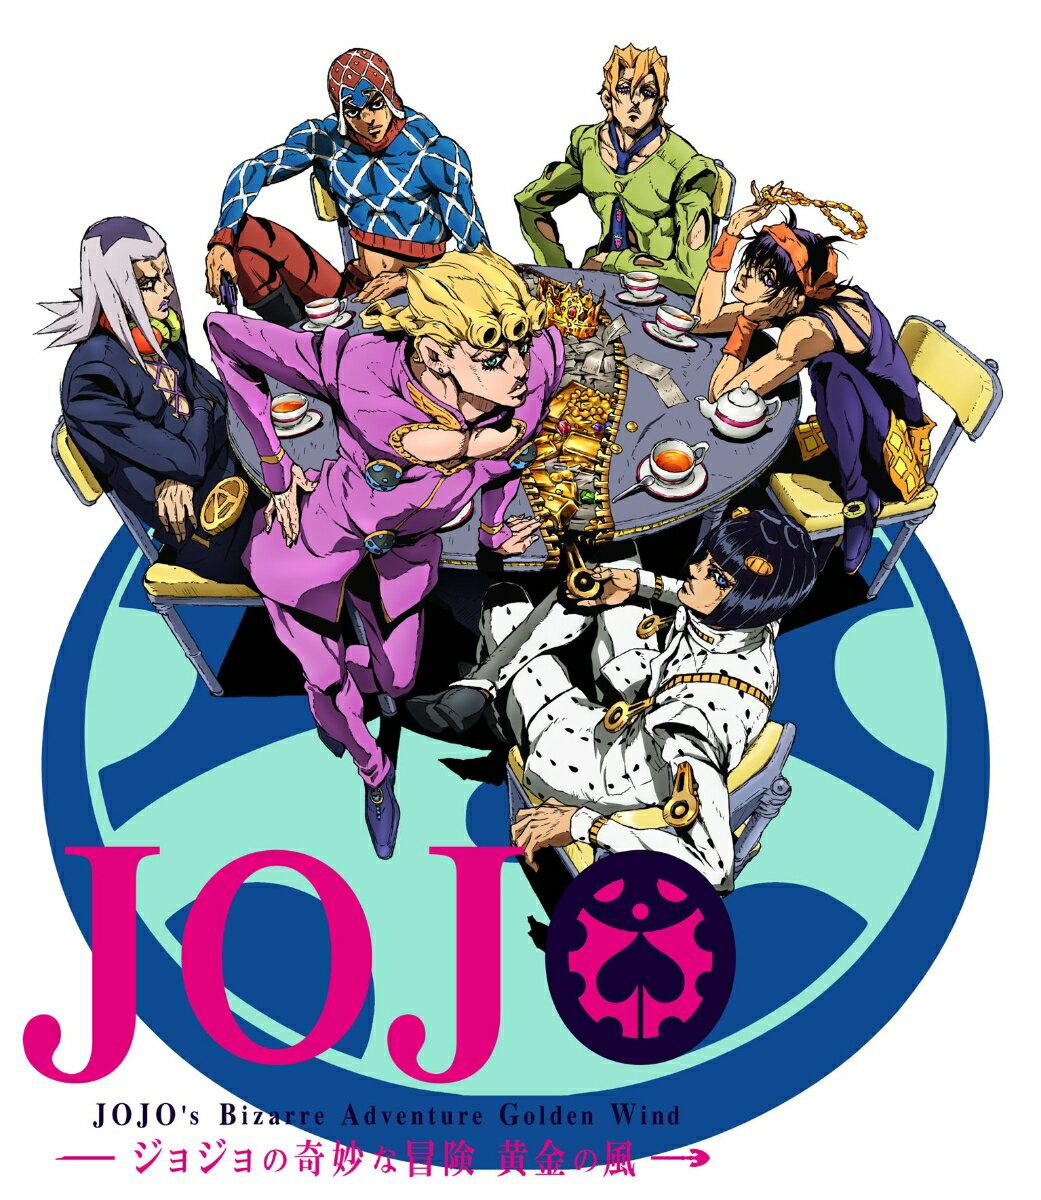 ジョジョの奇妙な冒険 黄金の風 Vol.2(初回仕様版)【Blu-ray】